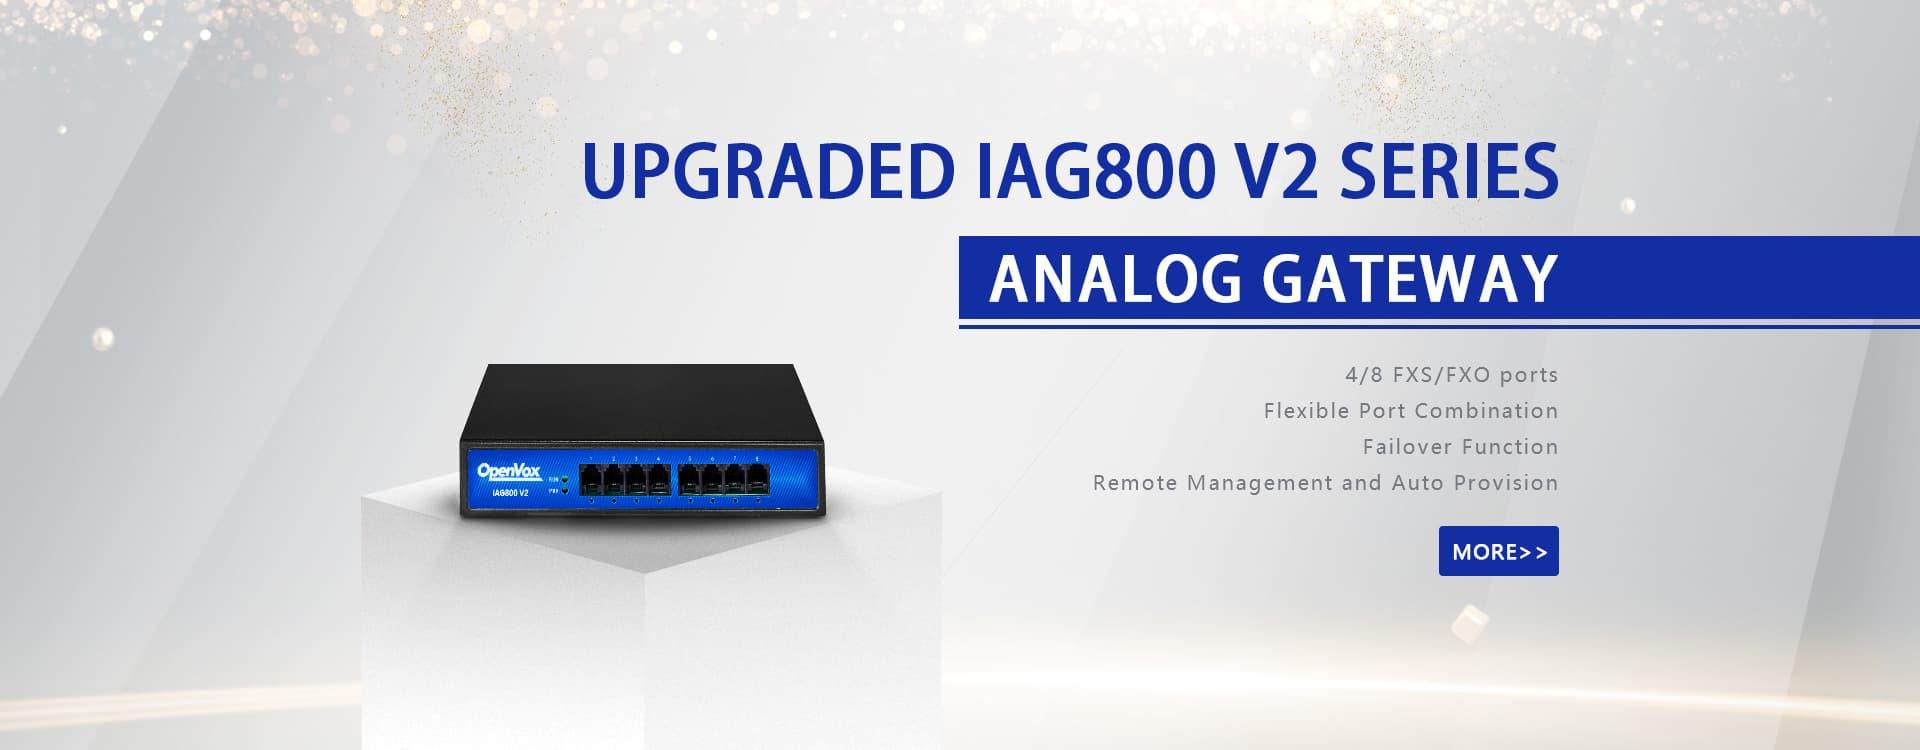 iag800-v2